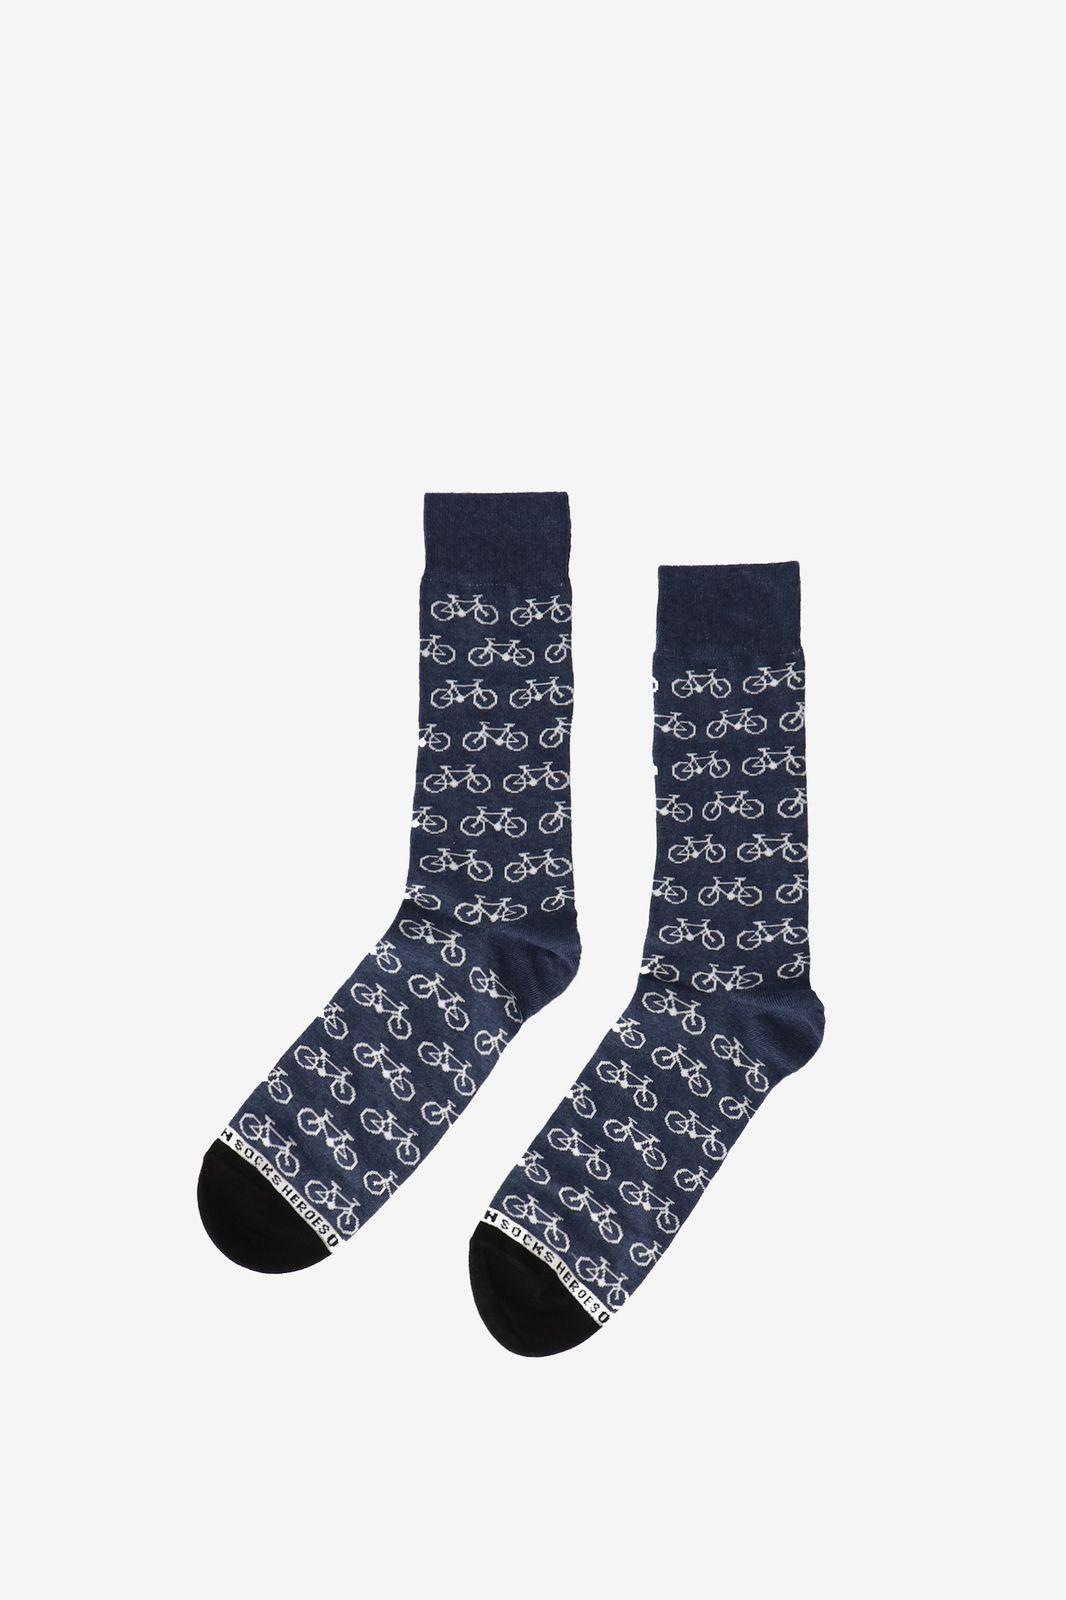 Heroes on Socks Blauwe sokken fiets blauw